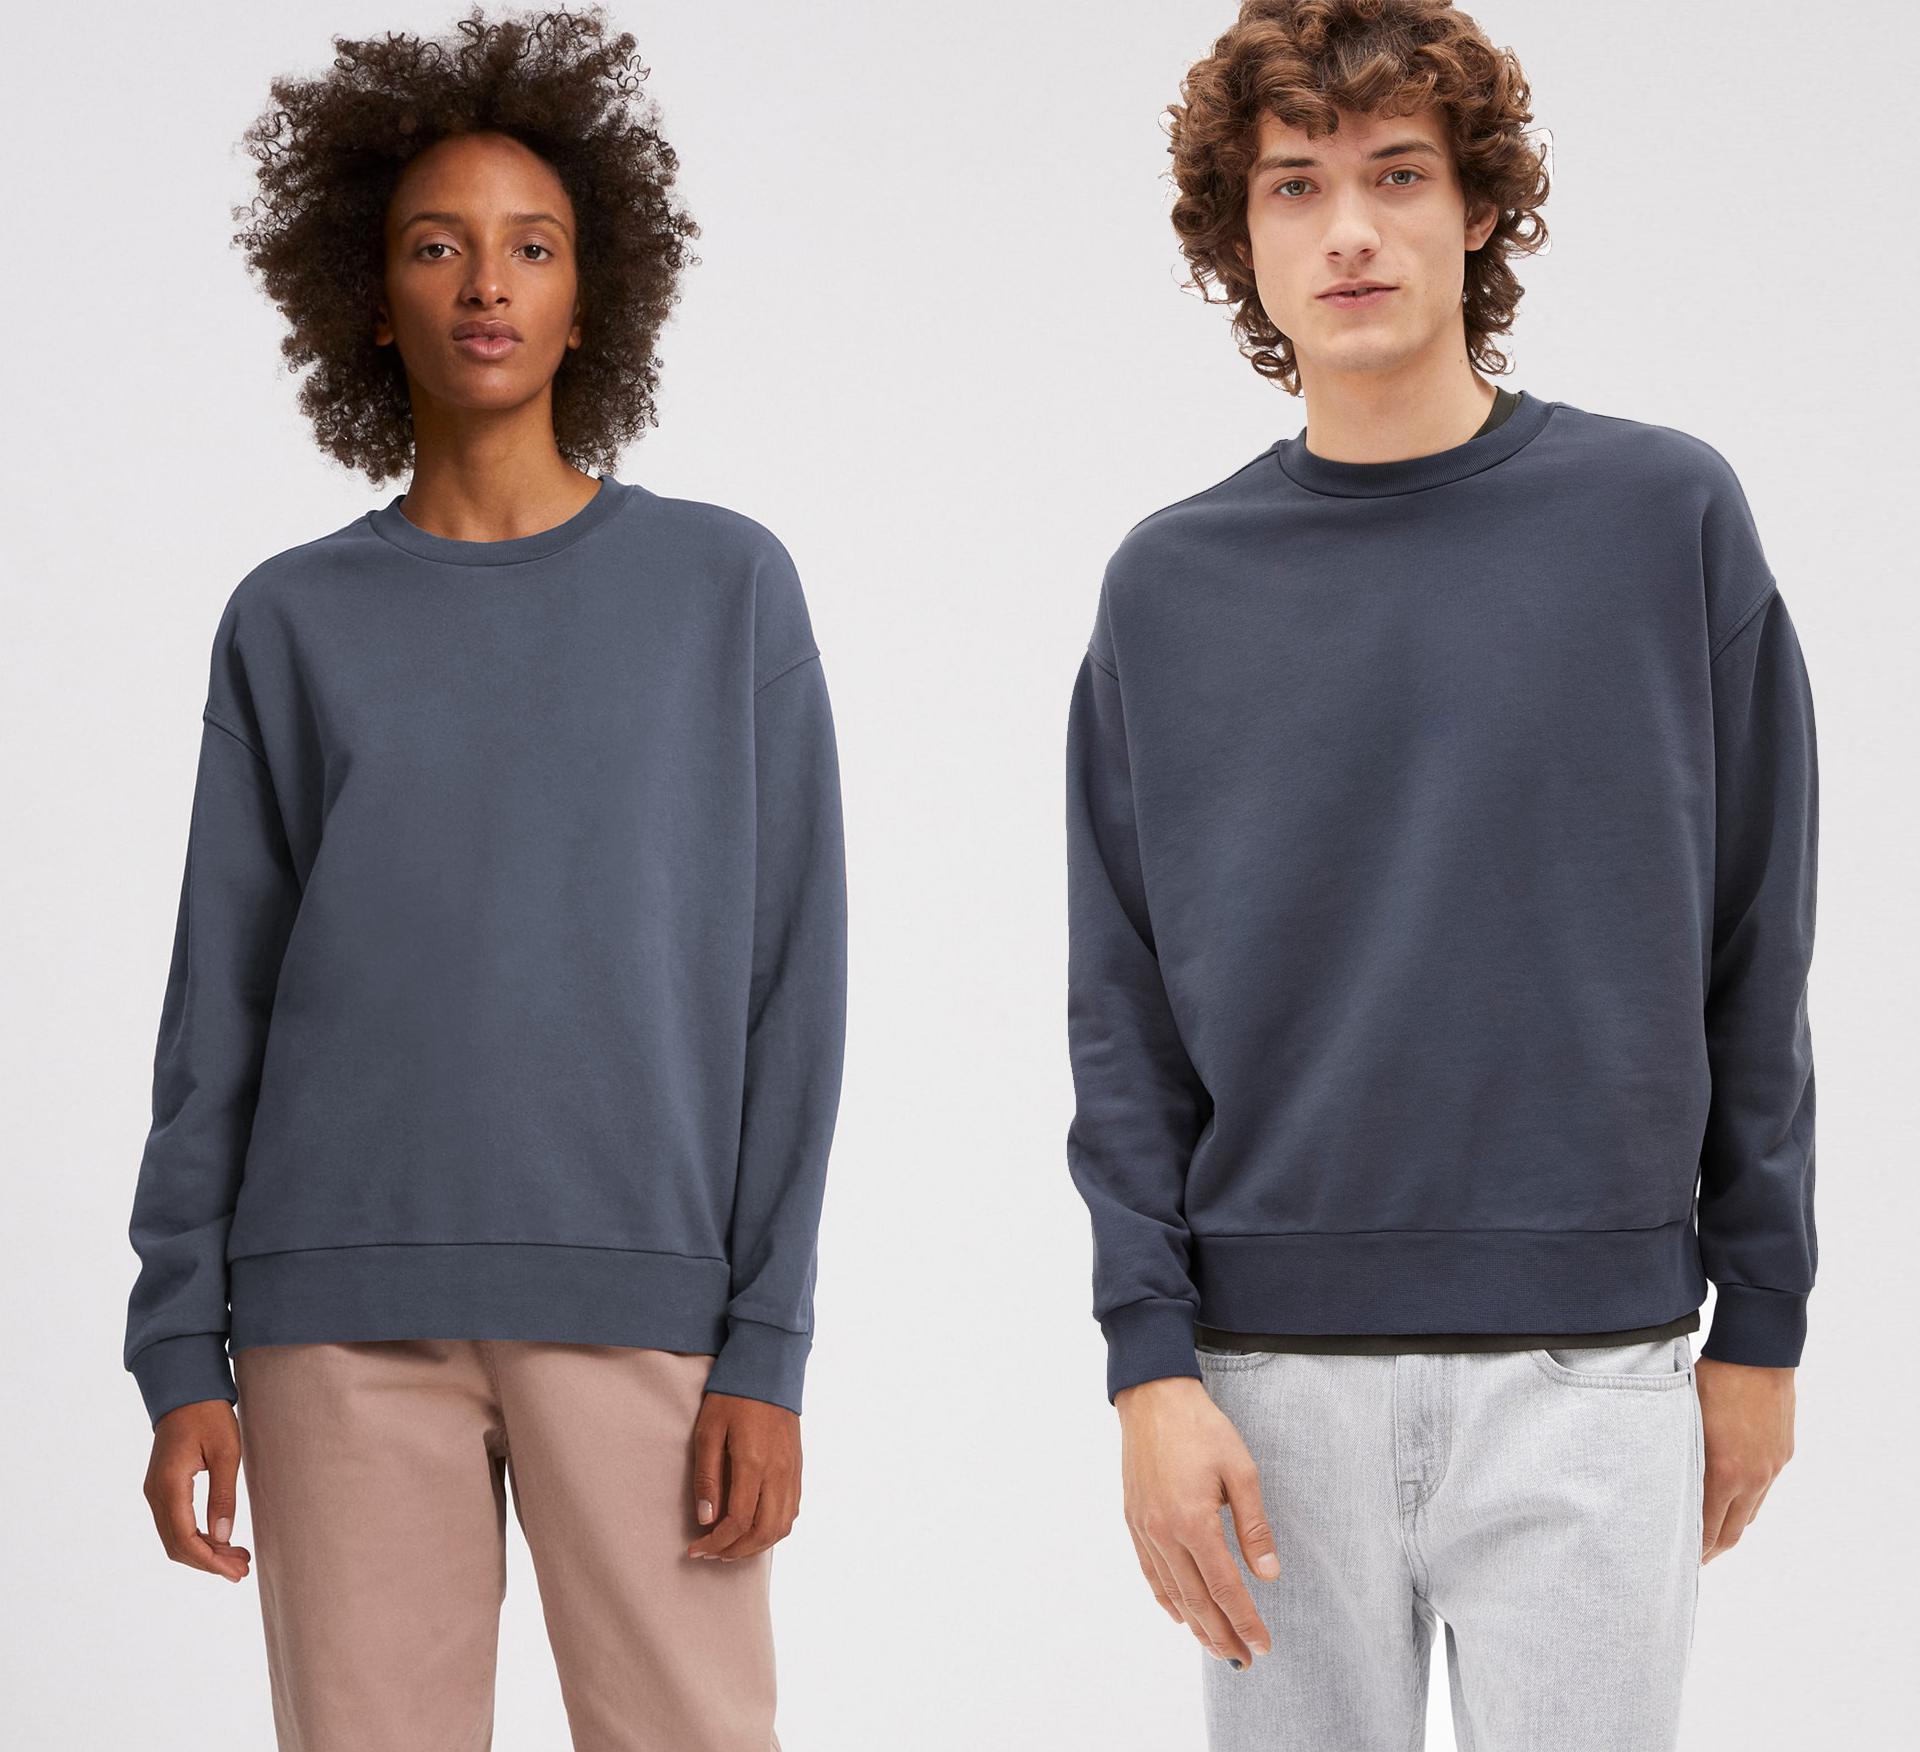 ARMEDANGELS-AARIN-EARTHCOLORS-Sweatshirt-natural-indigo-22